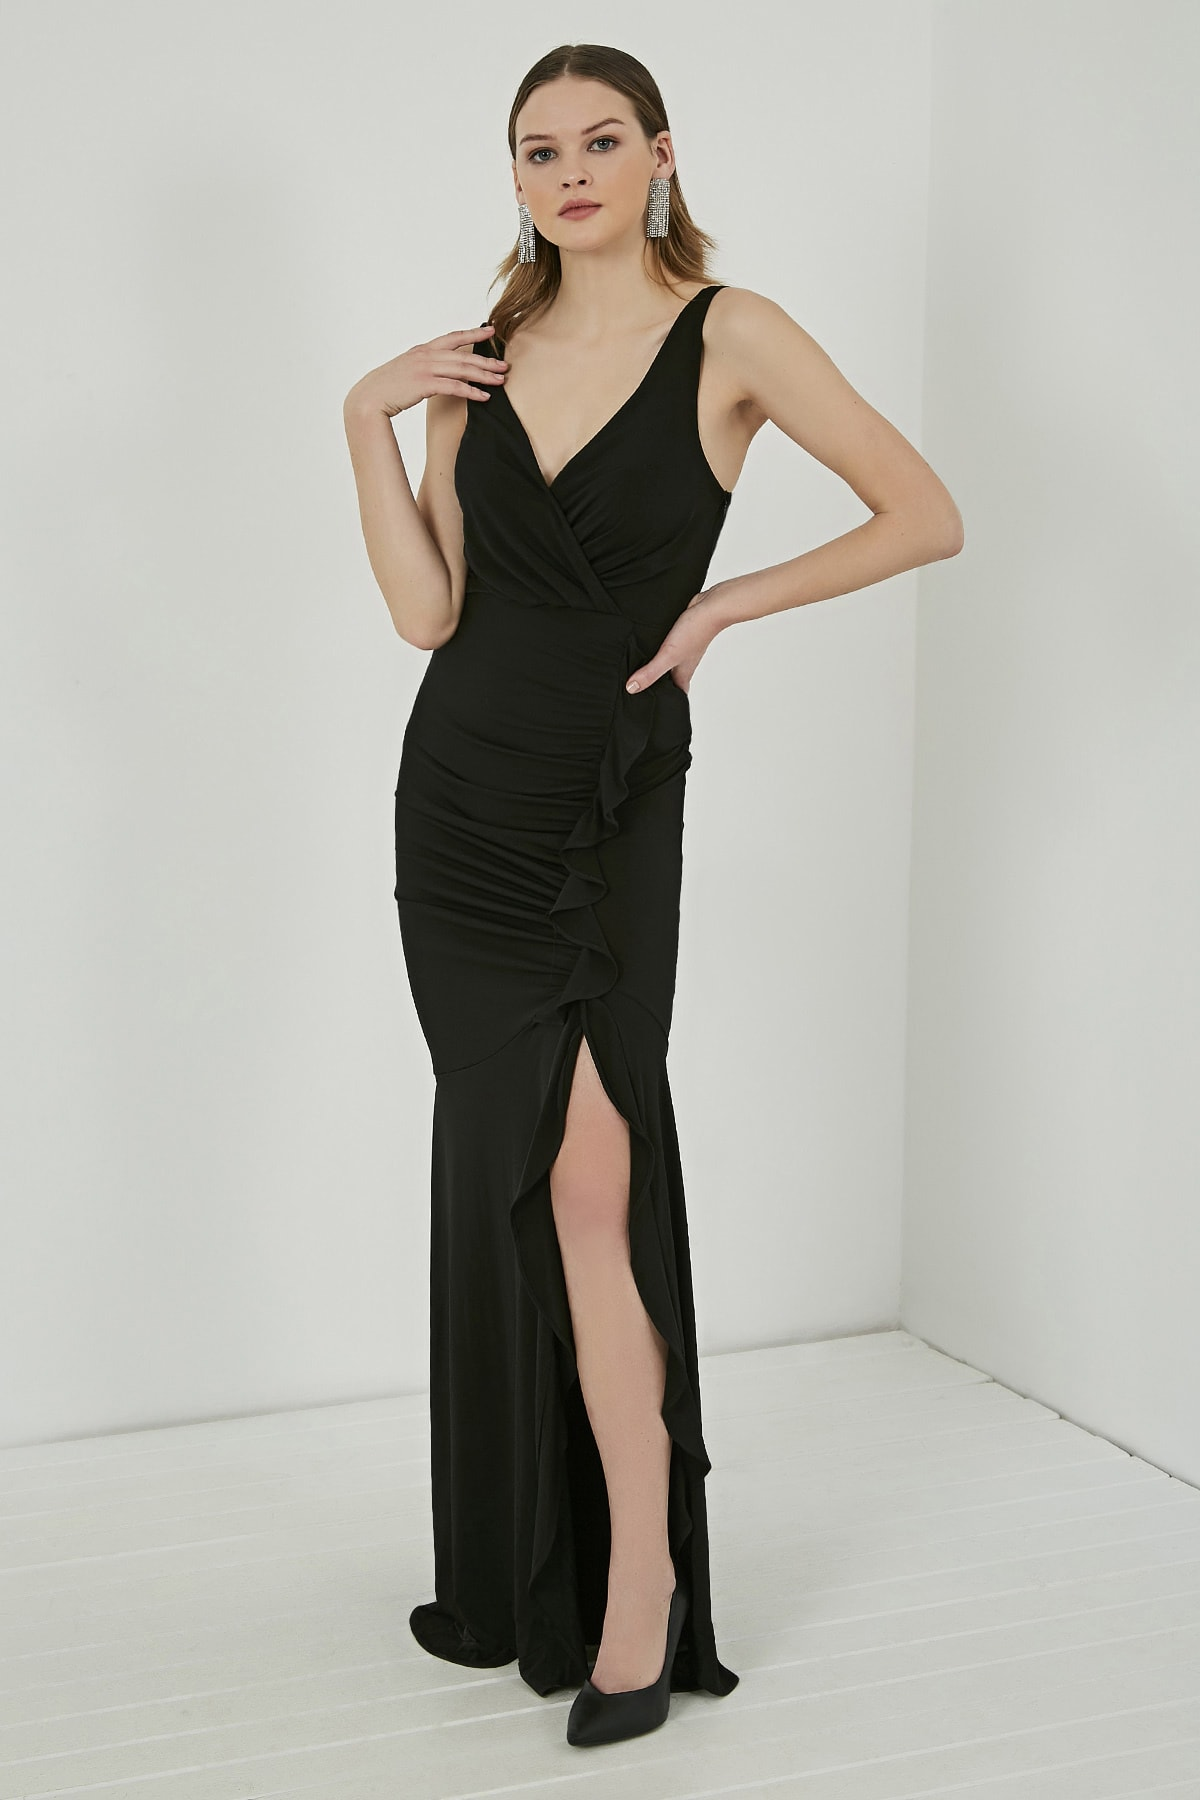 Sateen Kadın Siyah Fırfırlı Yırtmaçlı Uzun Abiye Elbise  STN107KEL120 1